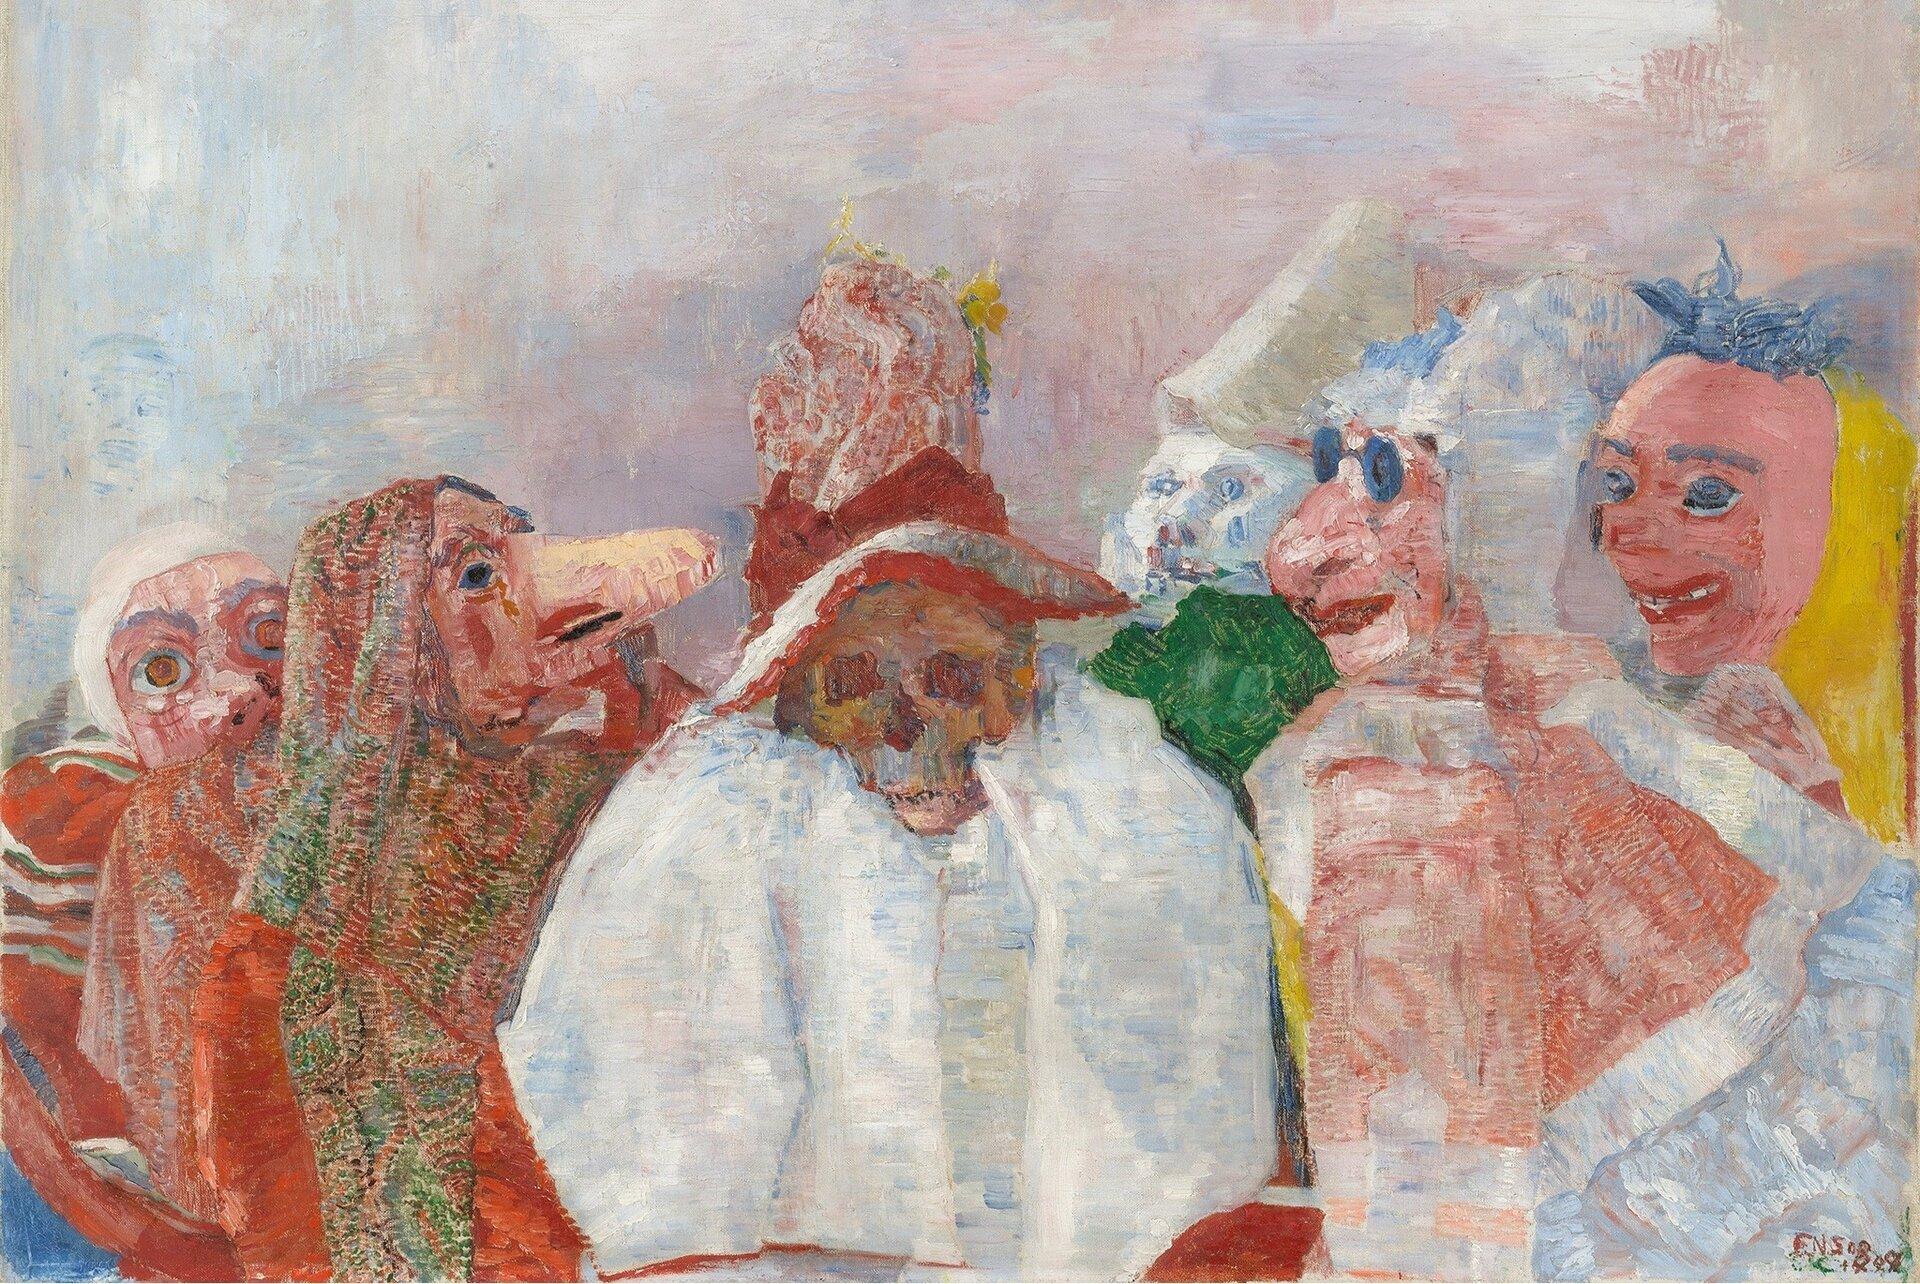 """Ilustracja przedstawia obraz Jamesa Ensora pt. """"Maski iśmierć"""". Dzieło ukazuje elementy symboliczne oraz fantastyczne. Wcentralnej części obrazu widoczna jest postać kościotrupa wbiałej szacie iczerwonym kapeluszu. Pozostałe postaci chowają się za maskami. Na obrazie panuje klimat niepokoju spowodowany za pewne użyciem maski karnawałowej oraz czaski."""